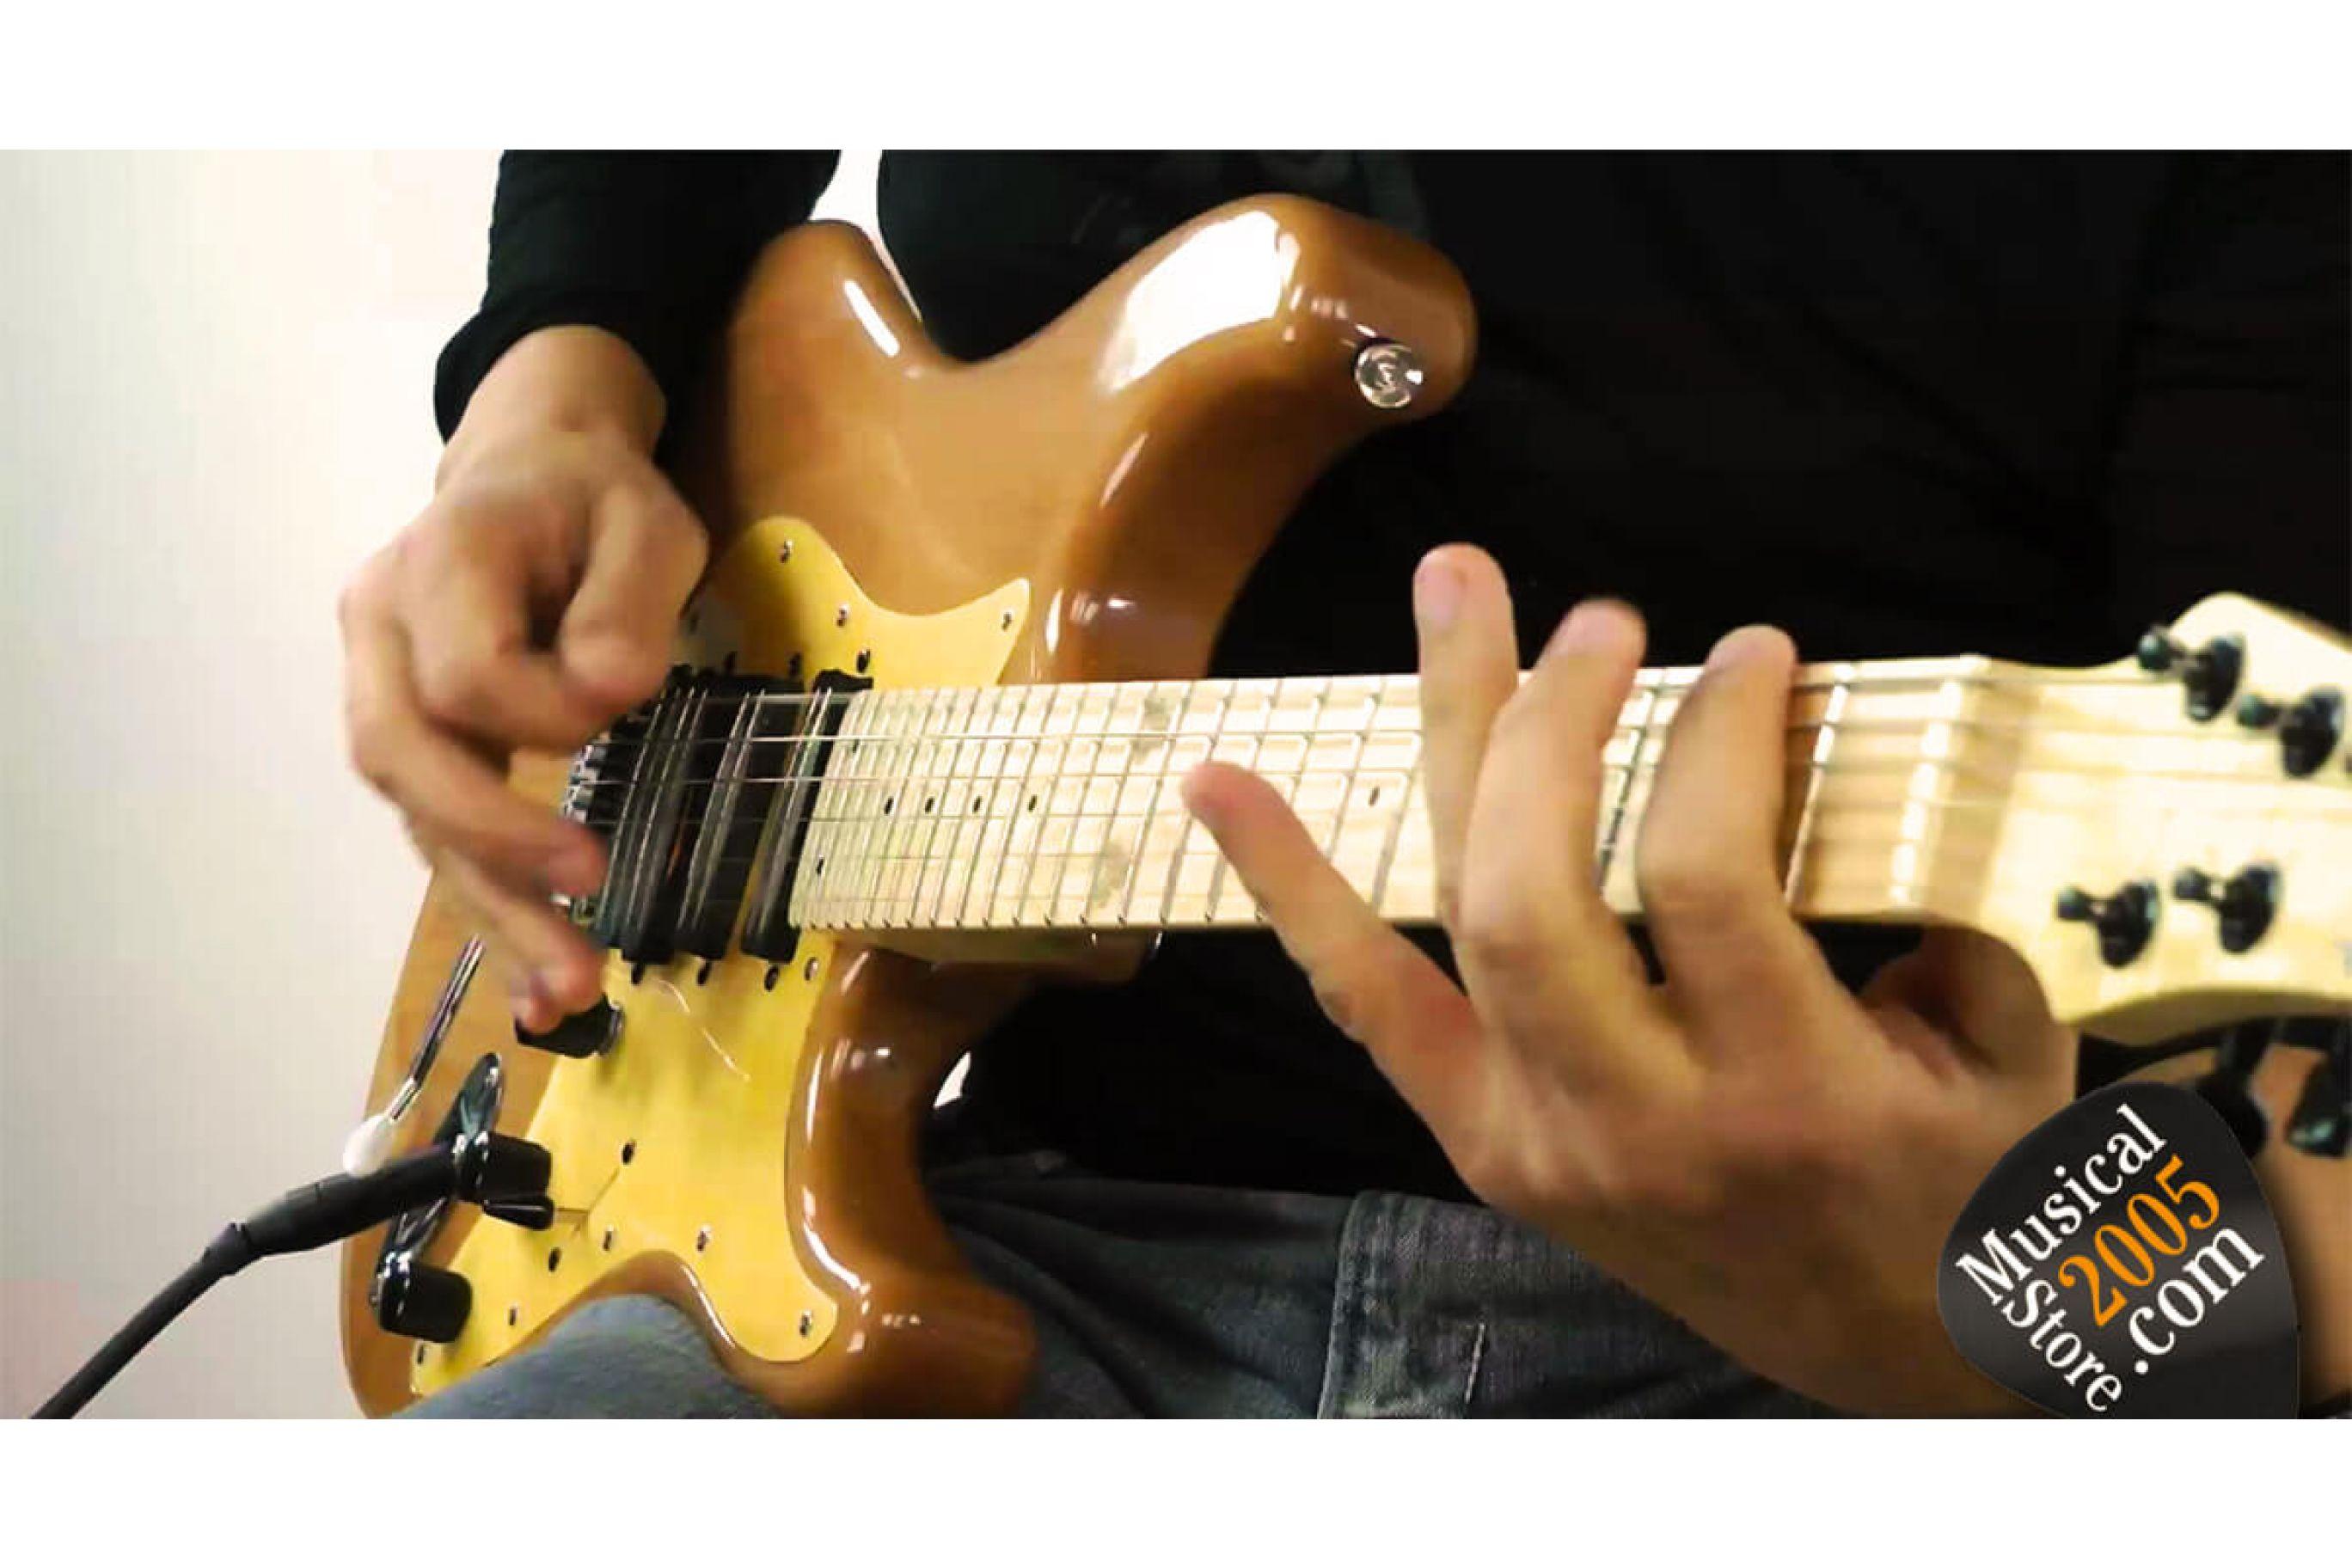 le Migliori Chitarre Elettriche: per iniziare e principianti